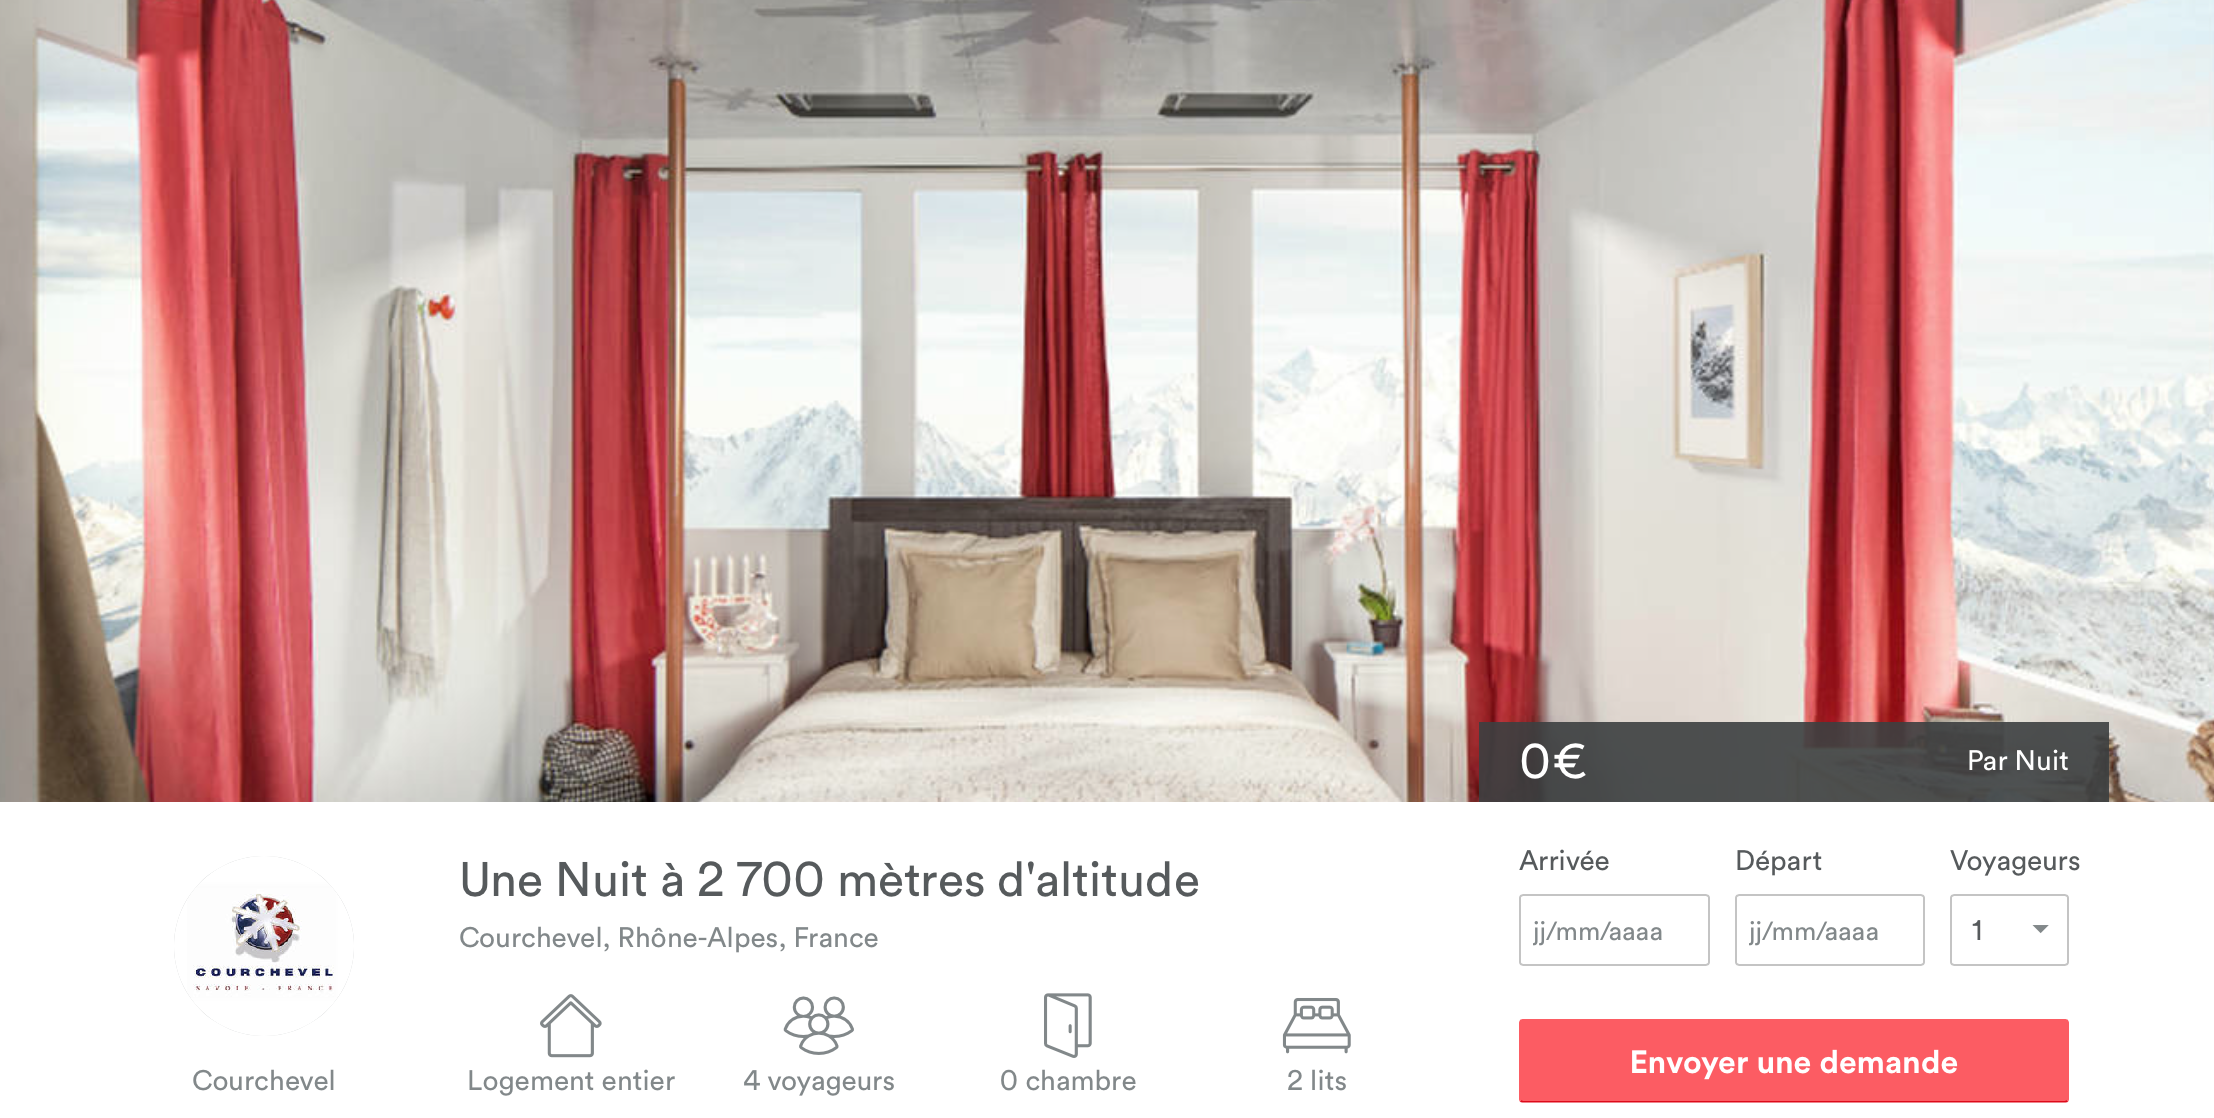 Airbnb et l'agence Ubi Bene mettent en jeu une nuit dans un téléphérique à 2700m d'altitude